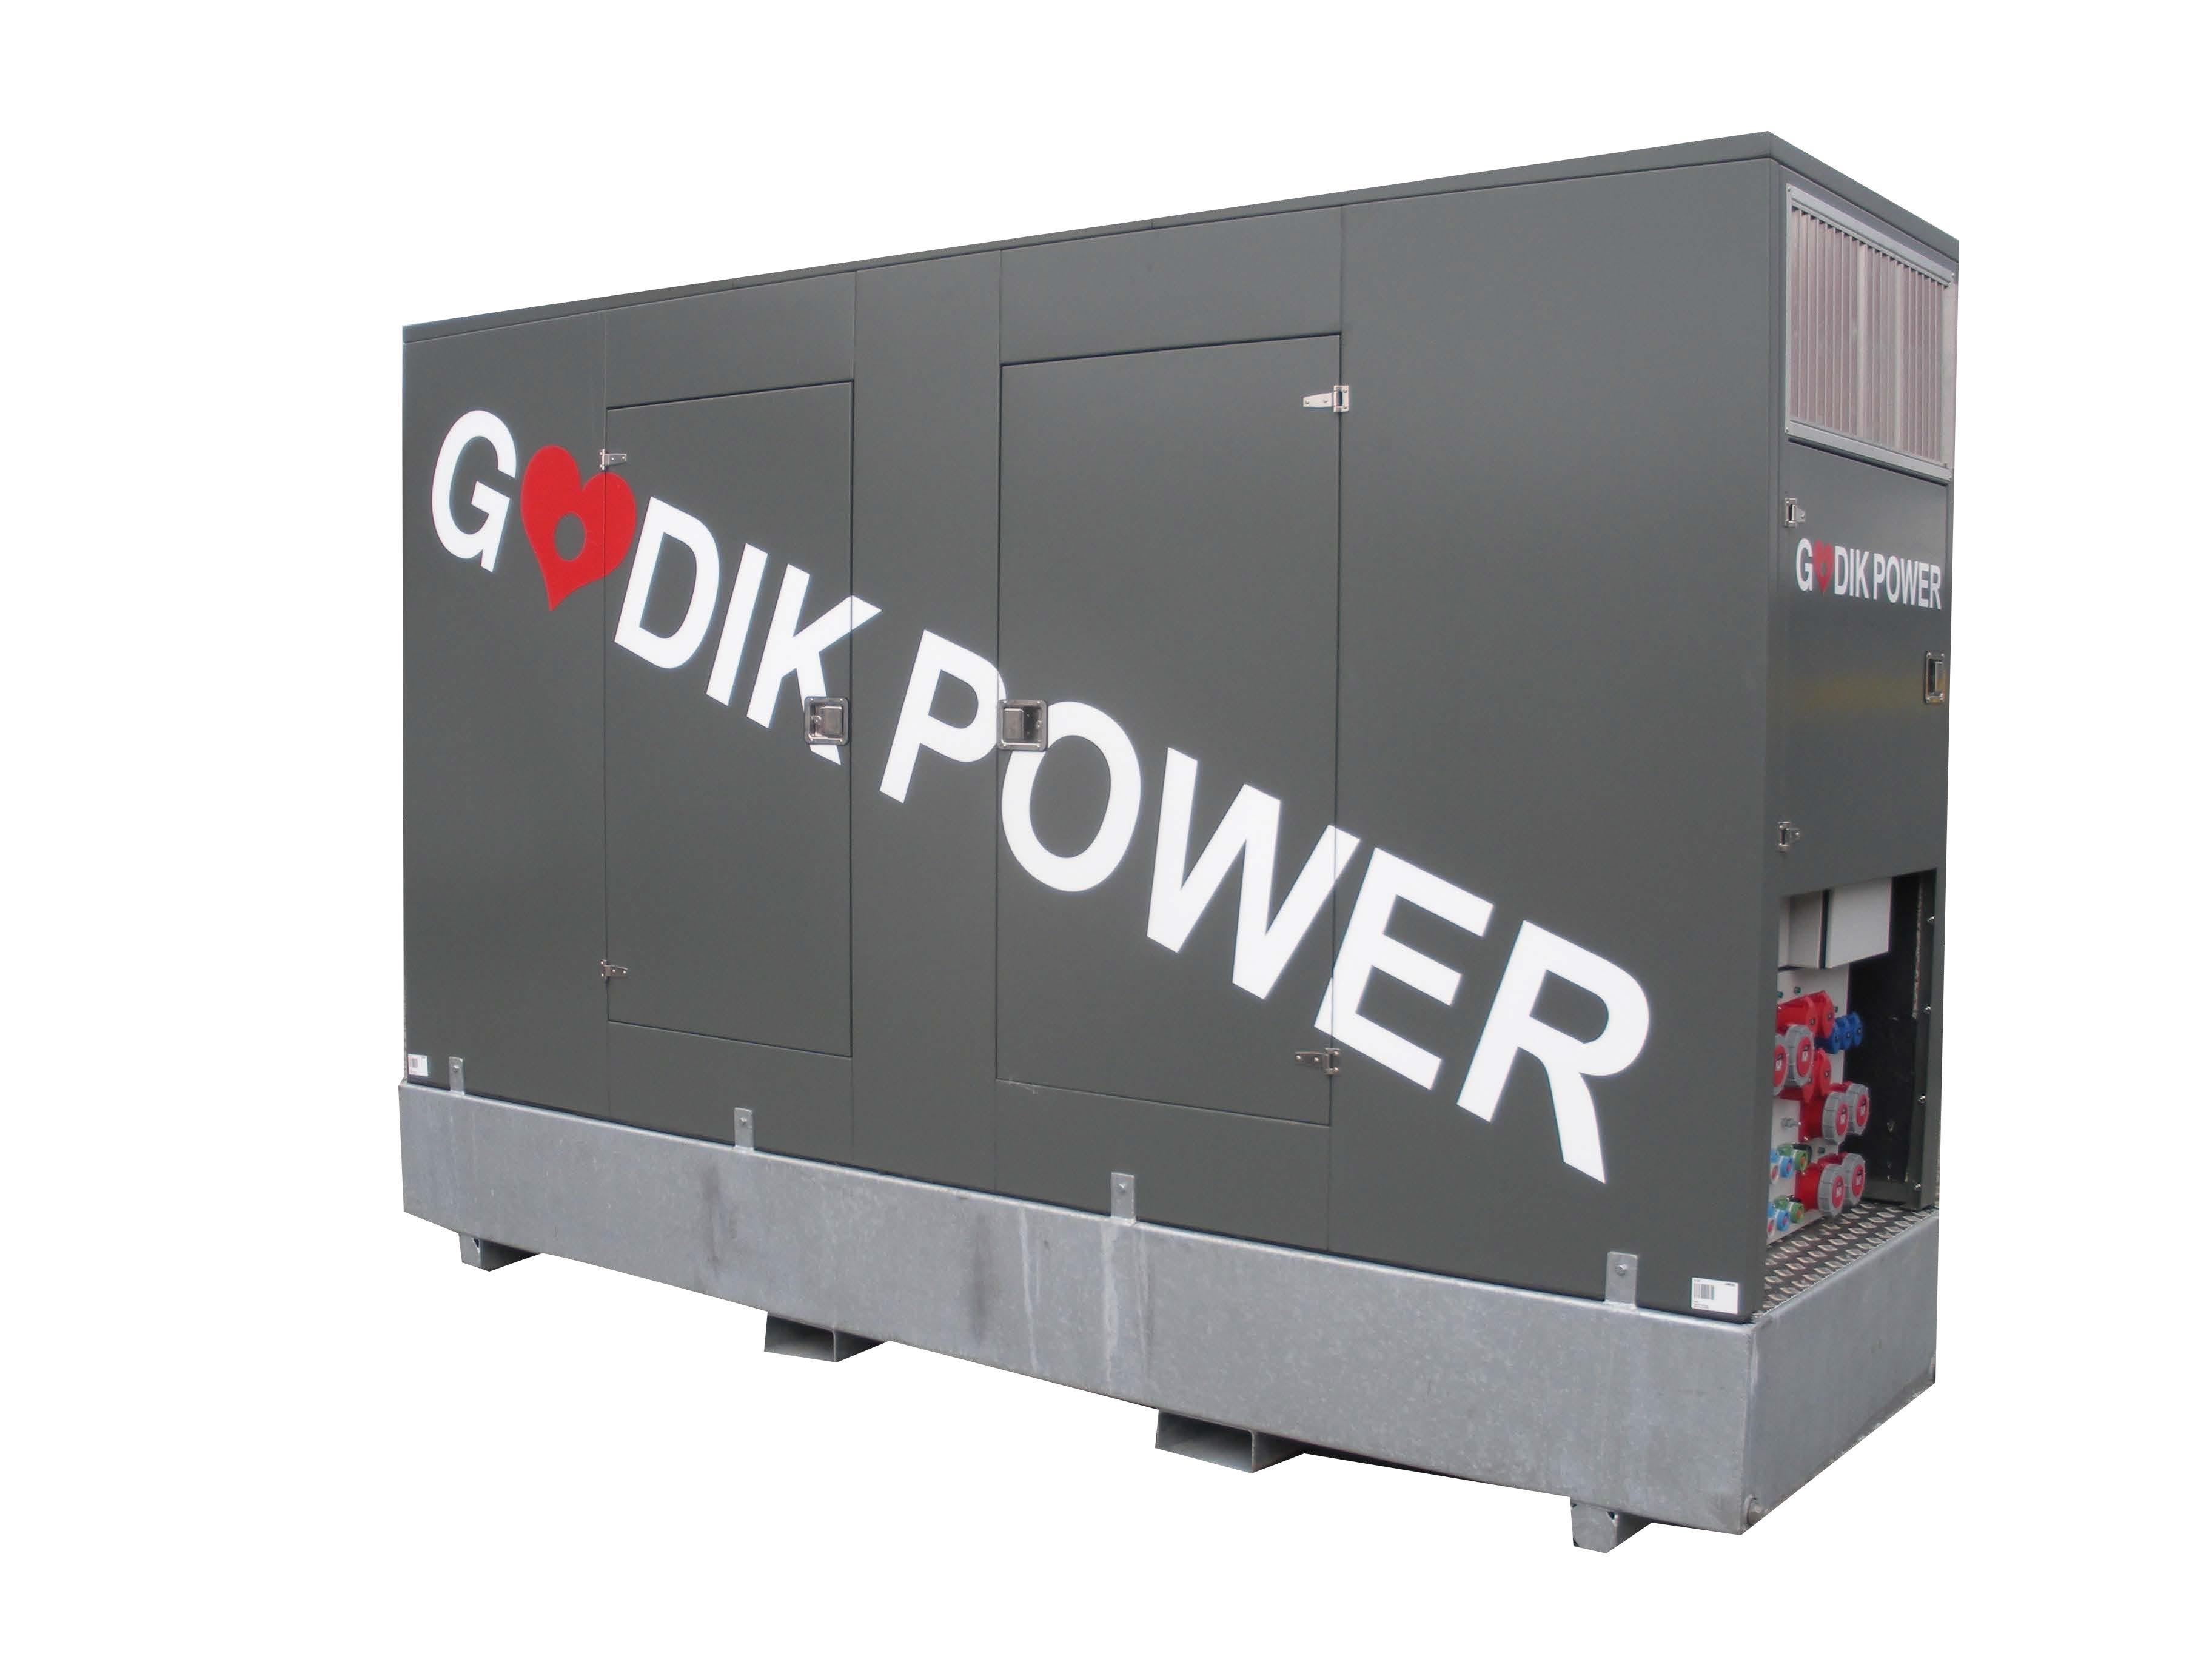 Generator 250 kVA Canopy vare nr Godik